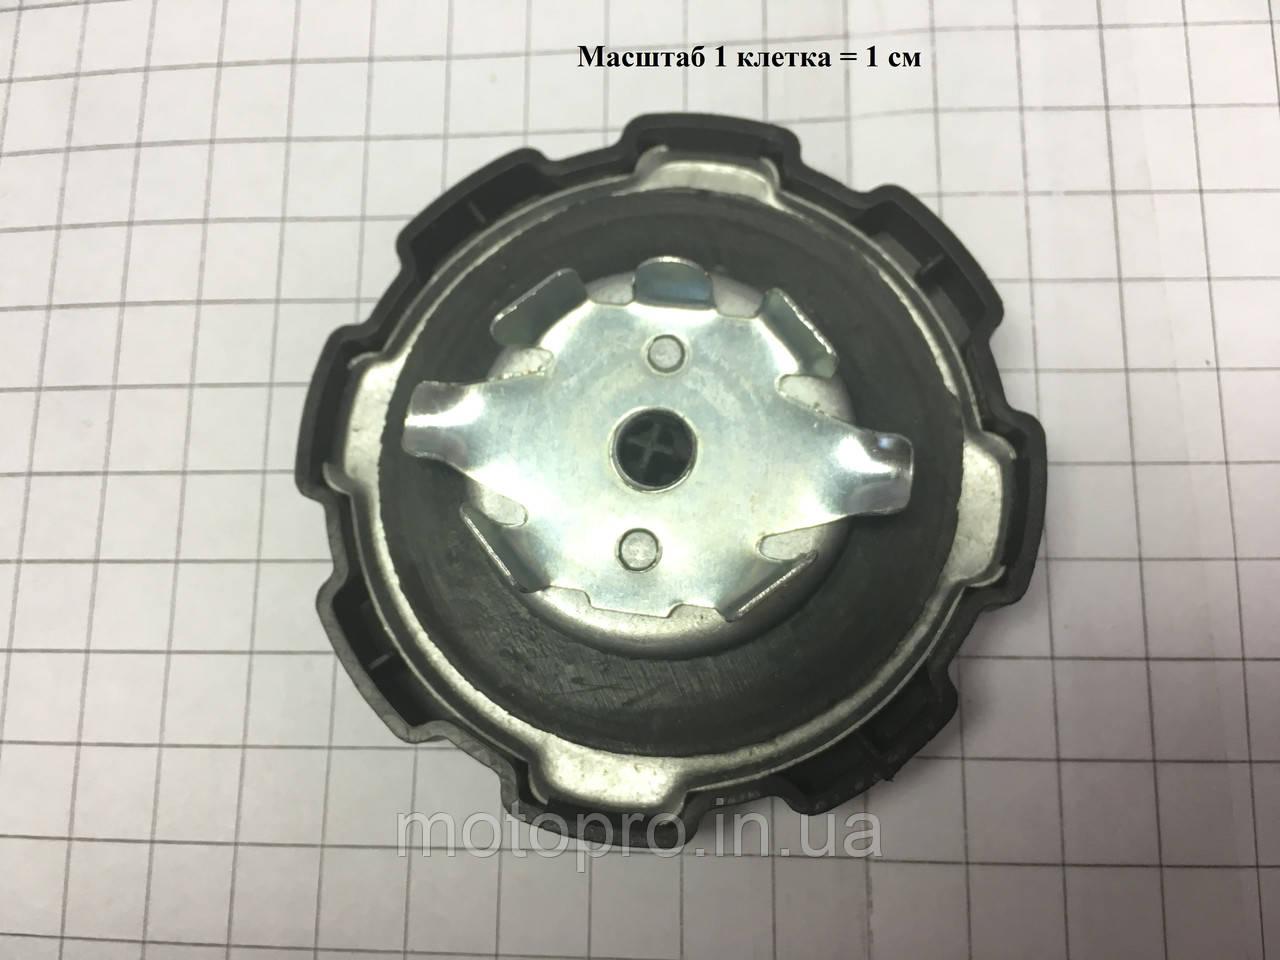 Крышка бака топливного для бензинового двигателя 168 / 170